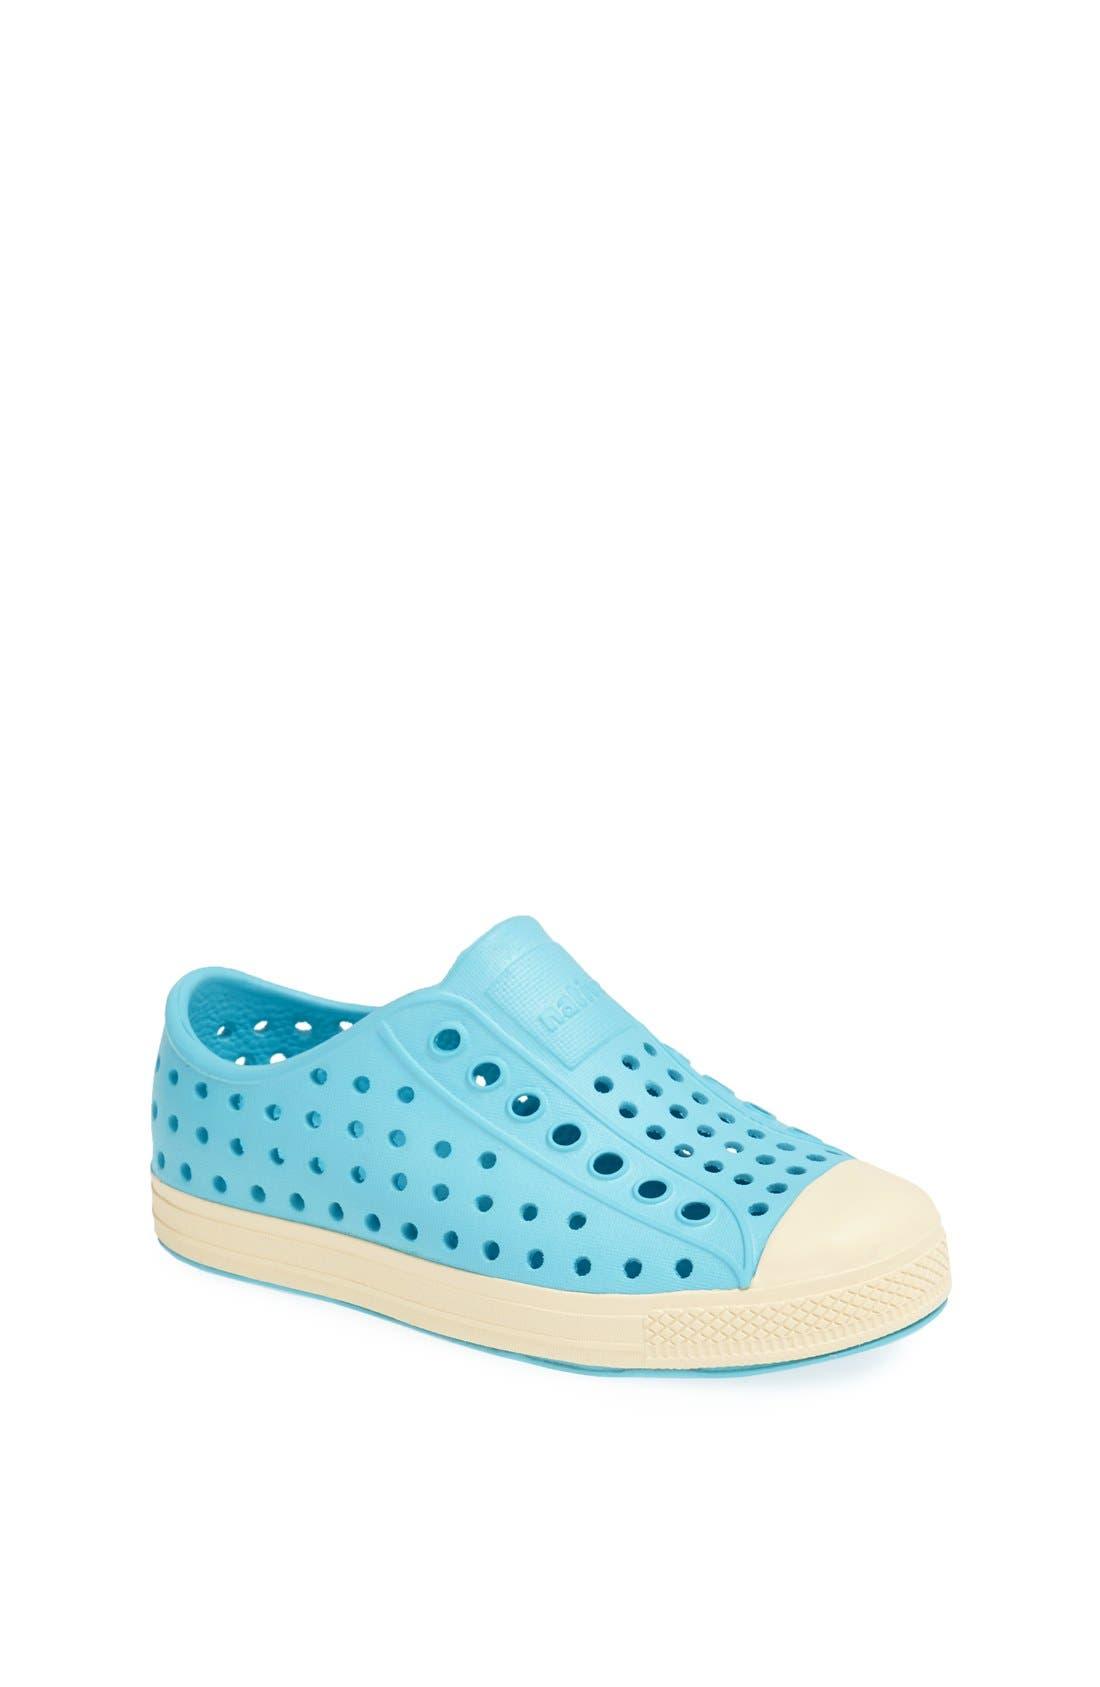 shoes jefferson slip on sneaker baby walker